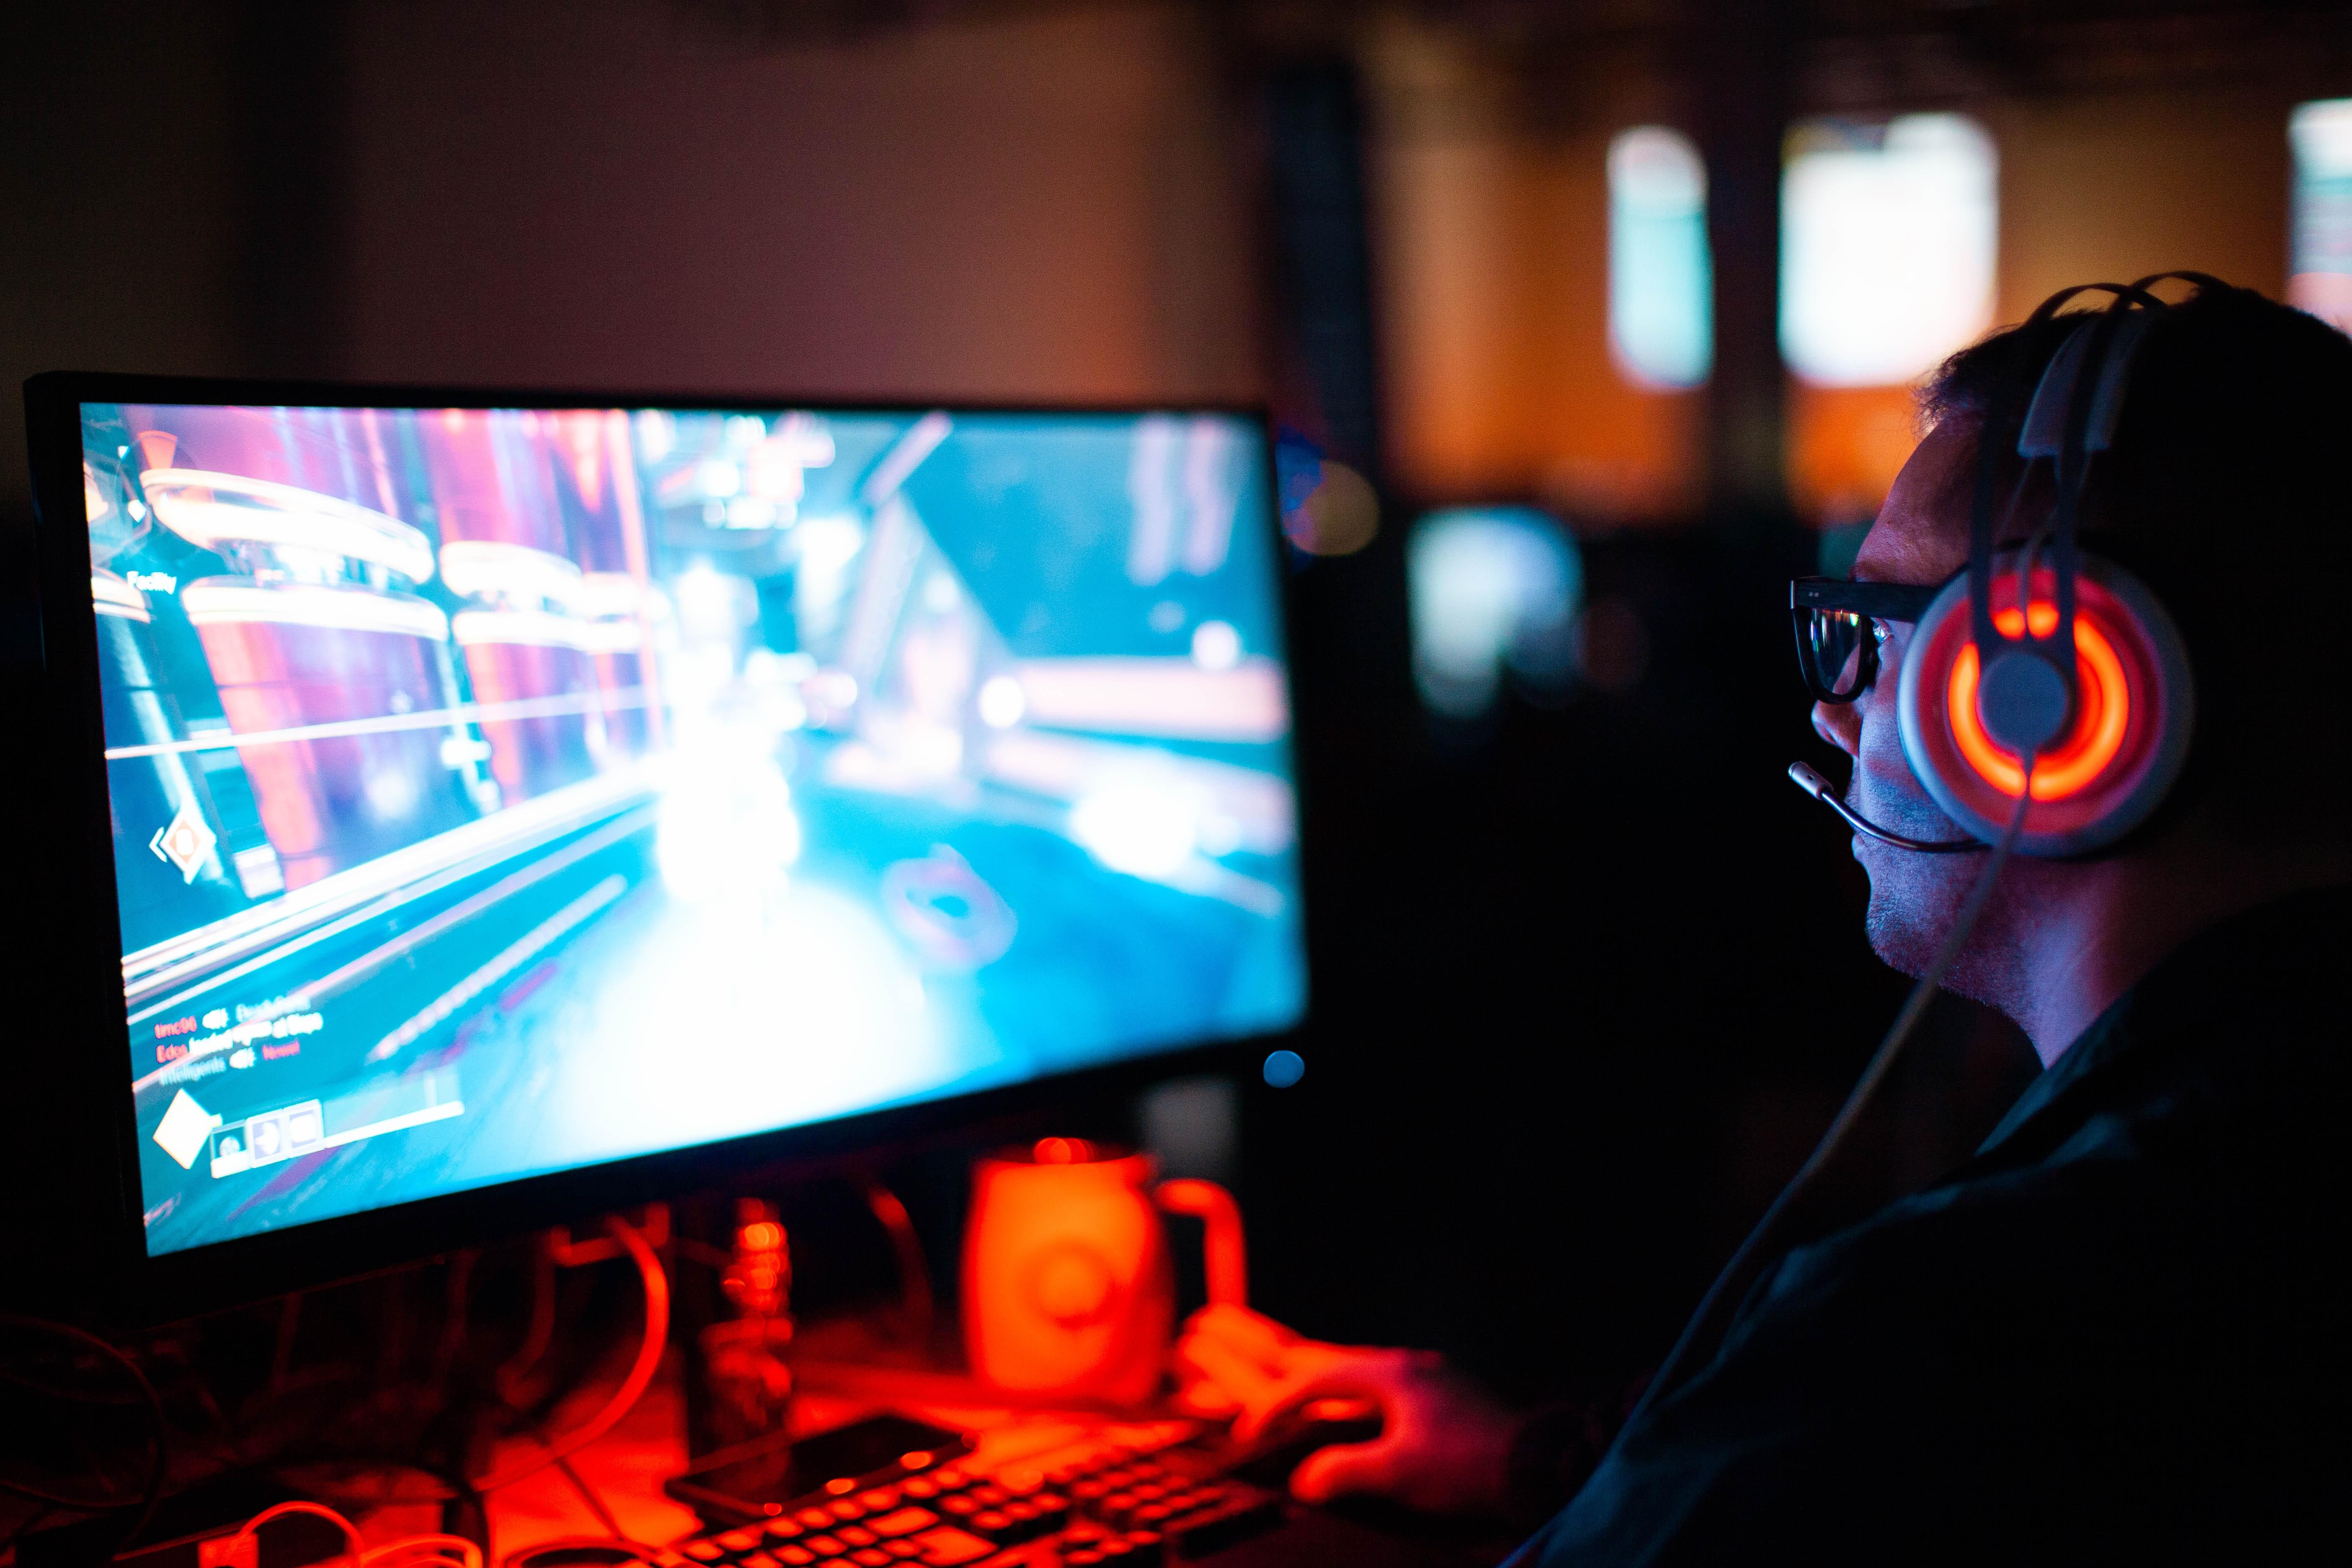 Облачный гейминг и операторы связи почему им выгодно дружить друг с другом